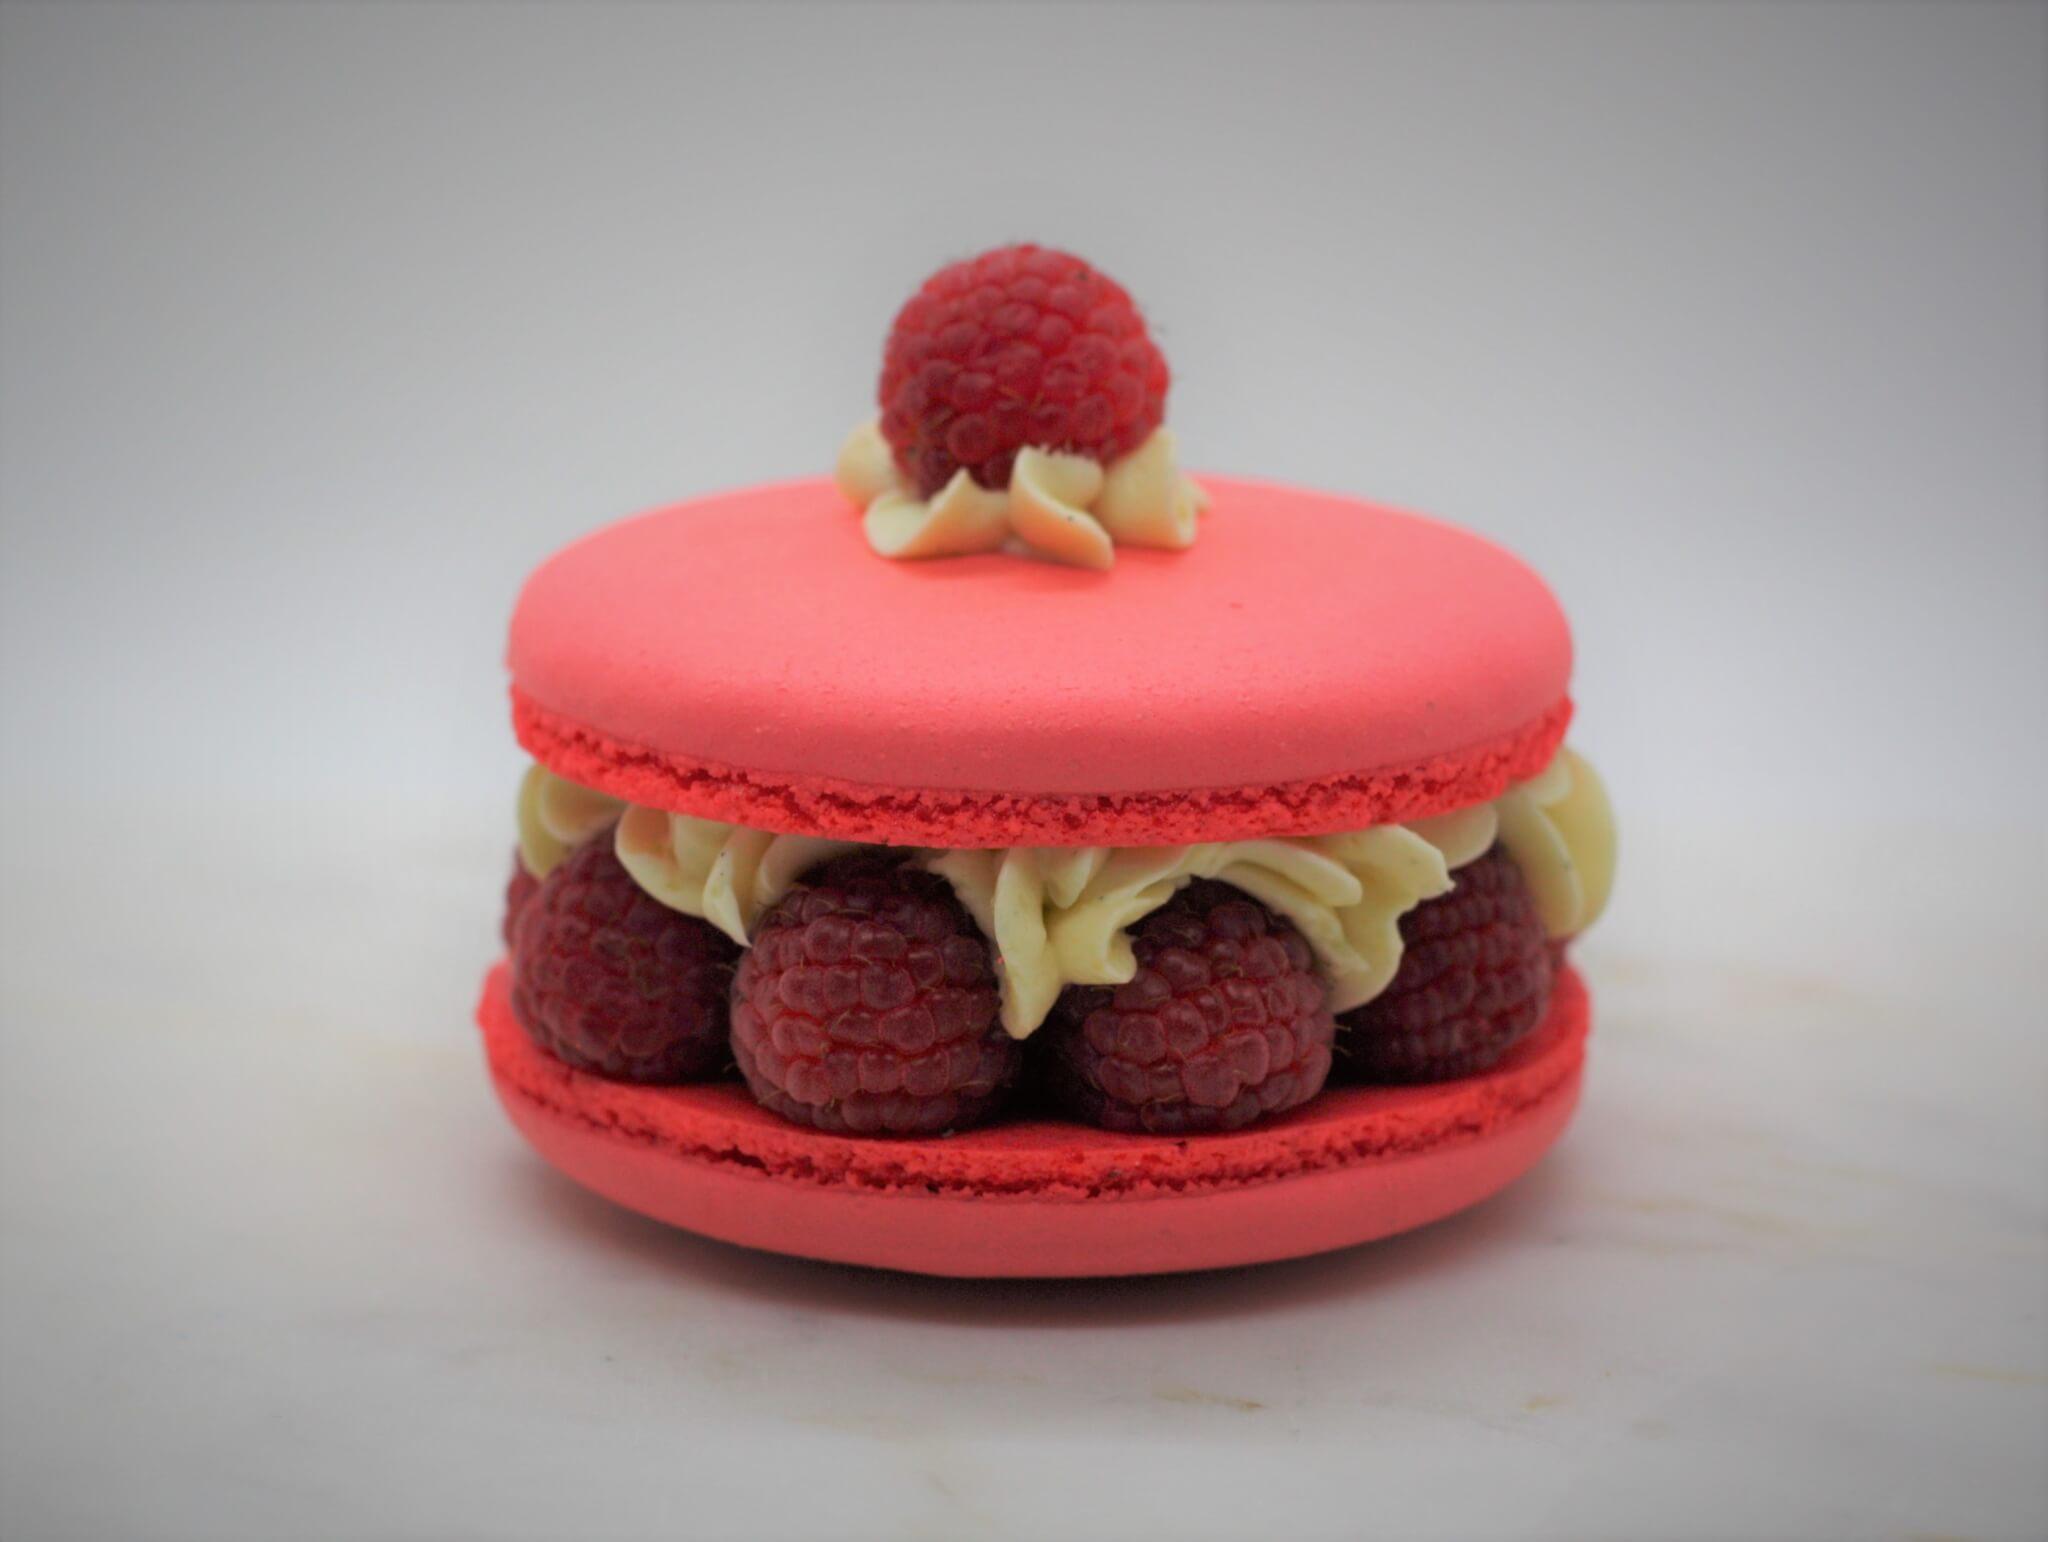 Sizing French Macaron Shells